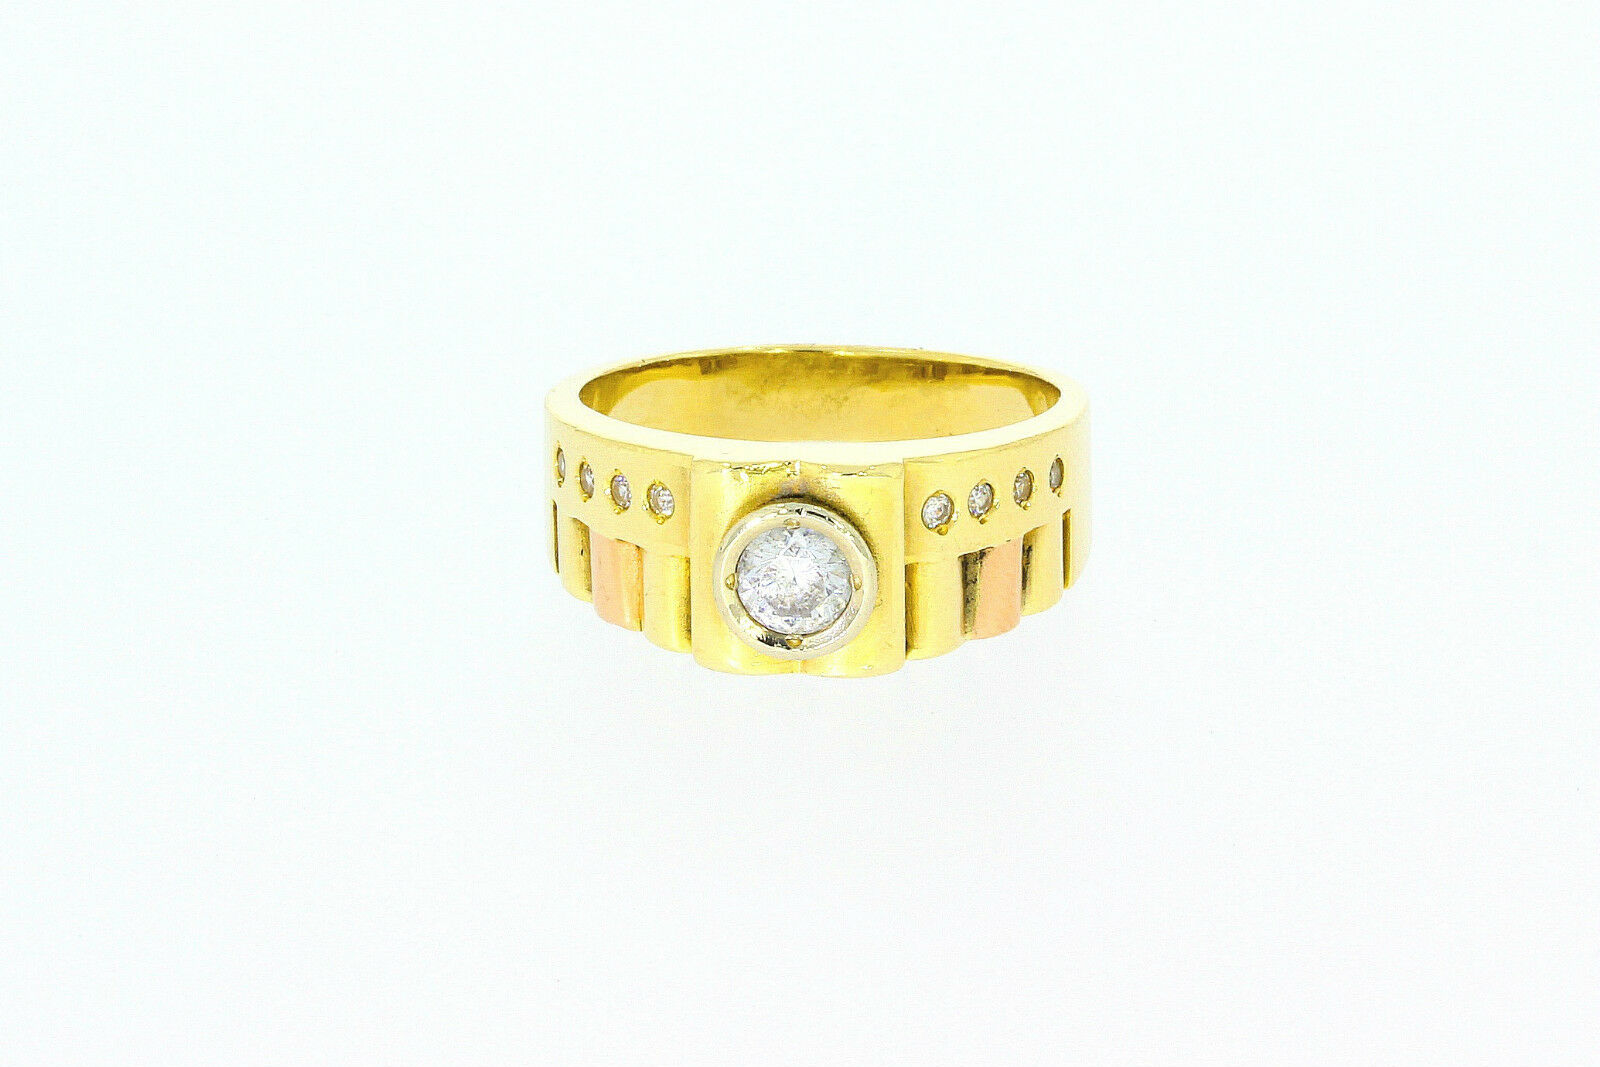 627-585er yellowgold Ring mit 9 Zirkonia Steinen Ringgroße 66 Gewicht 10,4 gramm